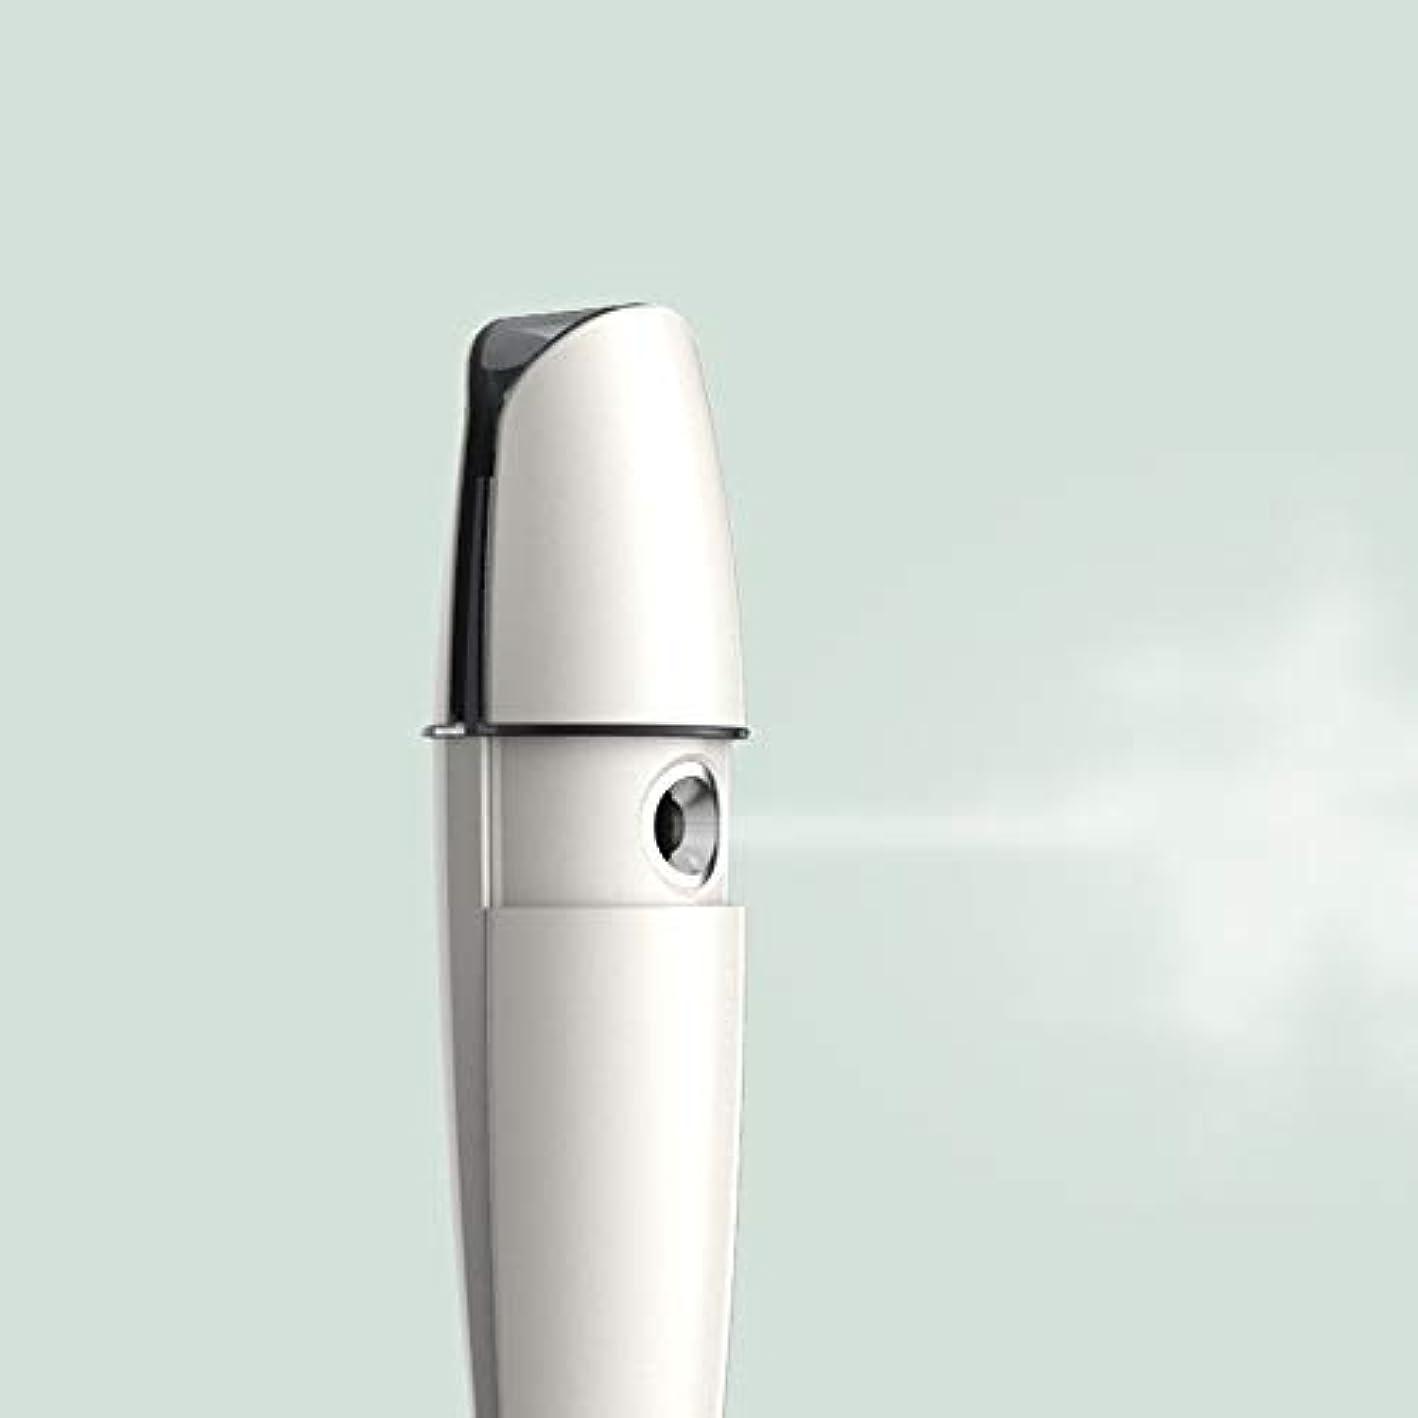 練る機会安定しましたZXF 充電式コールドスプレー機家庭用スチームフェイス美容機器ナノスプレーフェイス加湿水道メーターホワイトABS素材 滑らかである